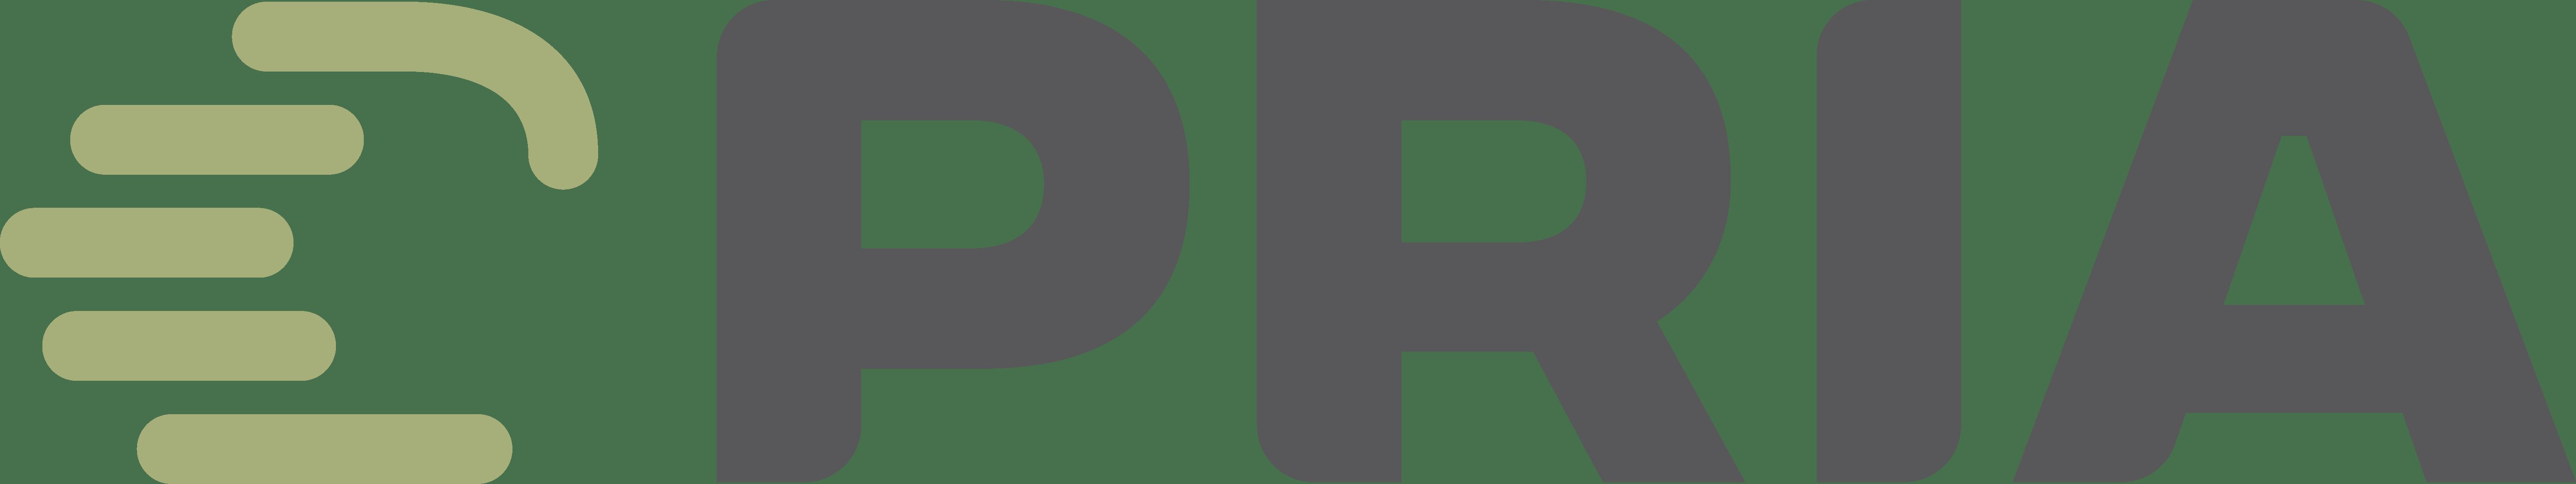 Precision for Medicine logo